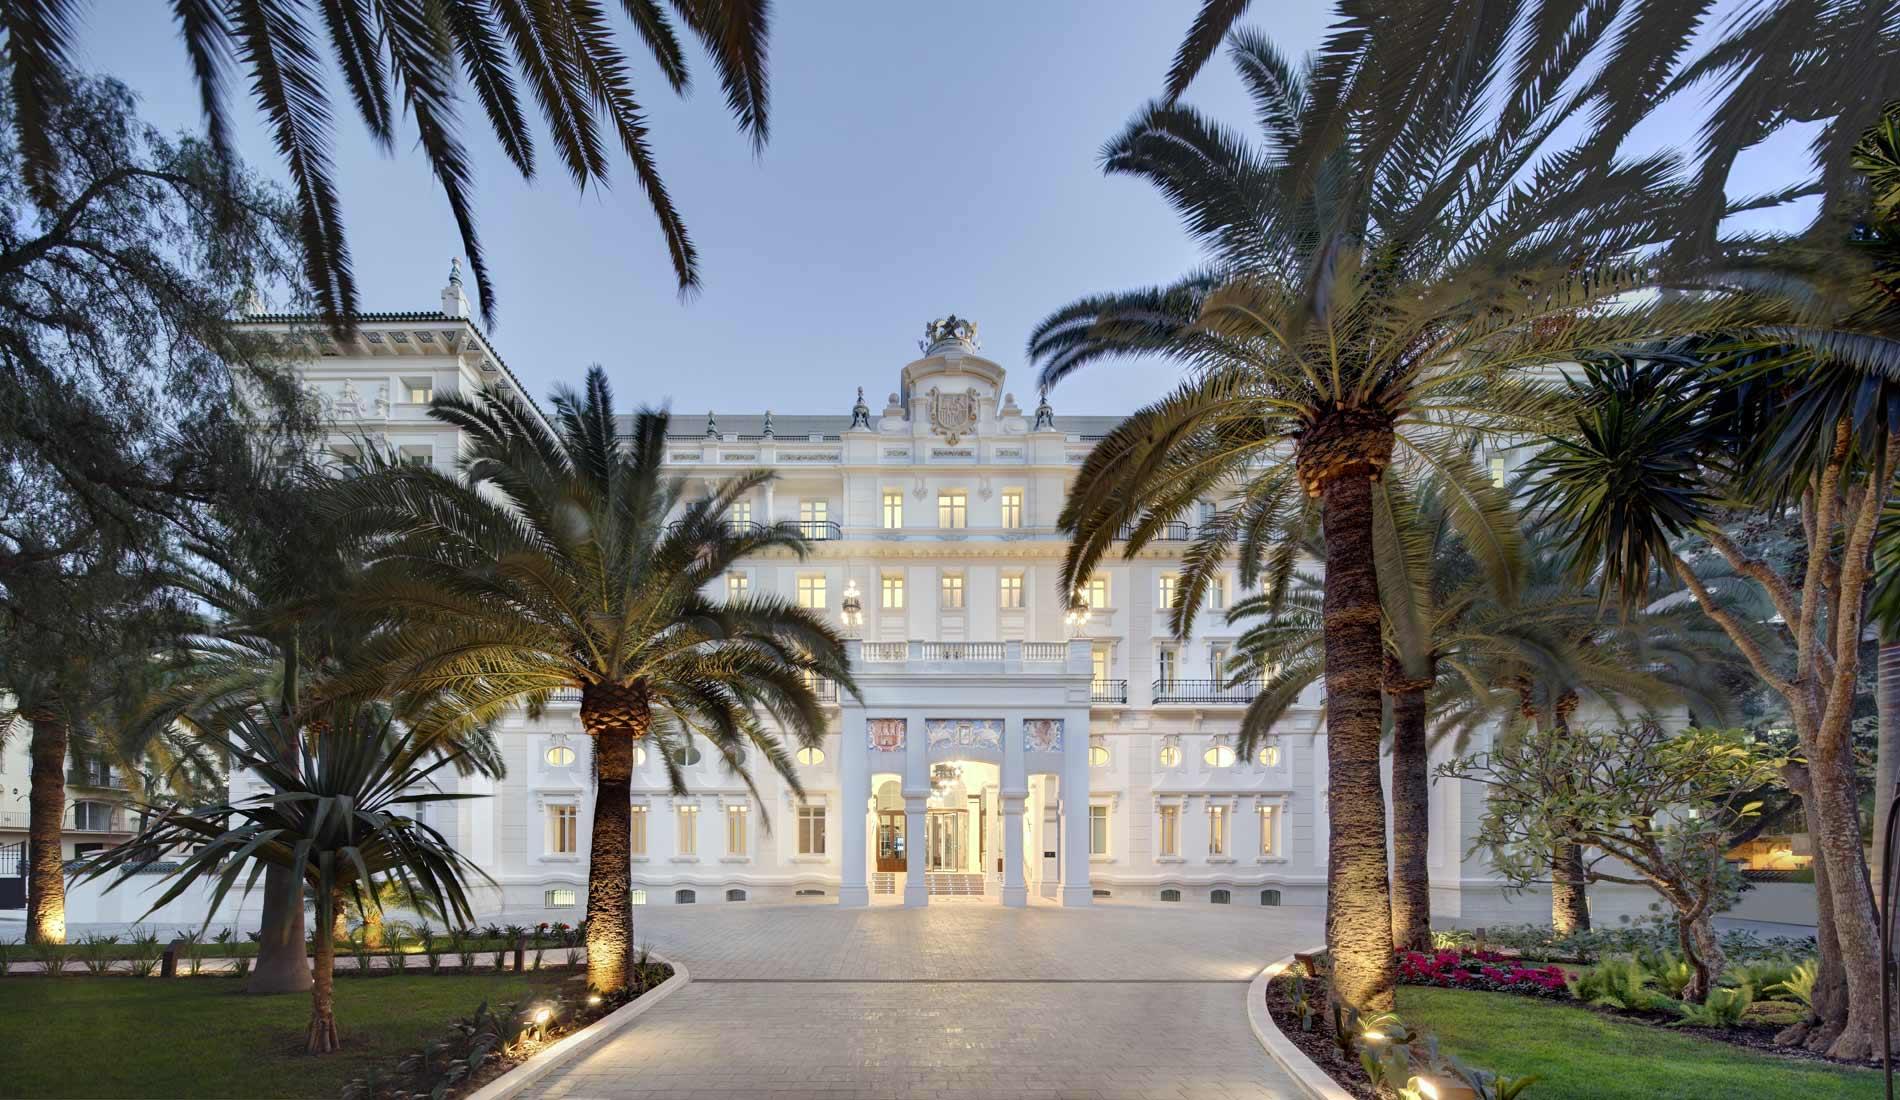 Hotel Malaga Luxe